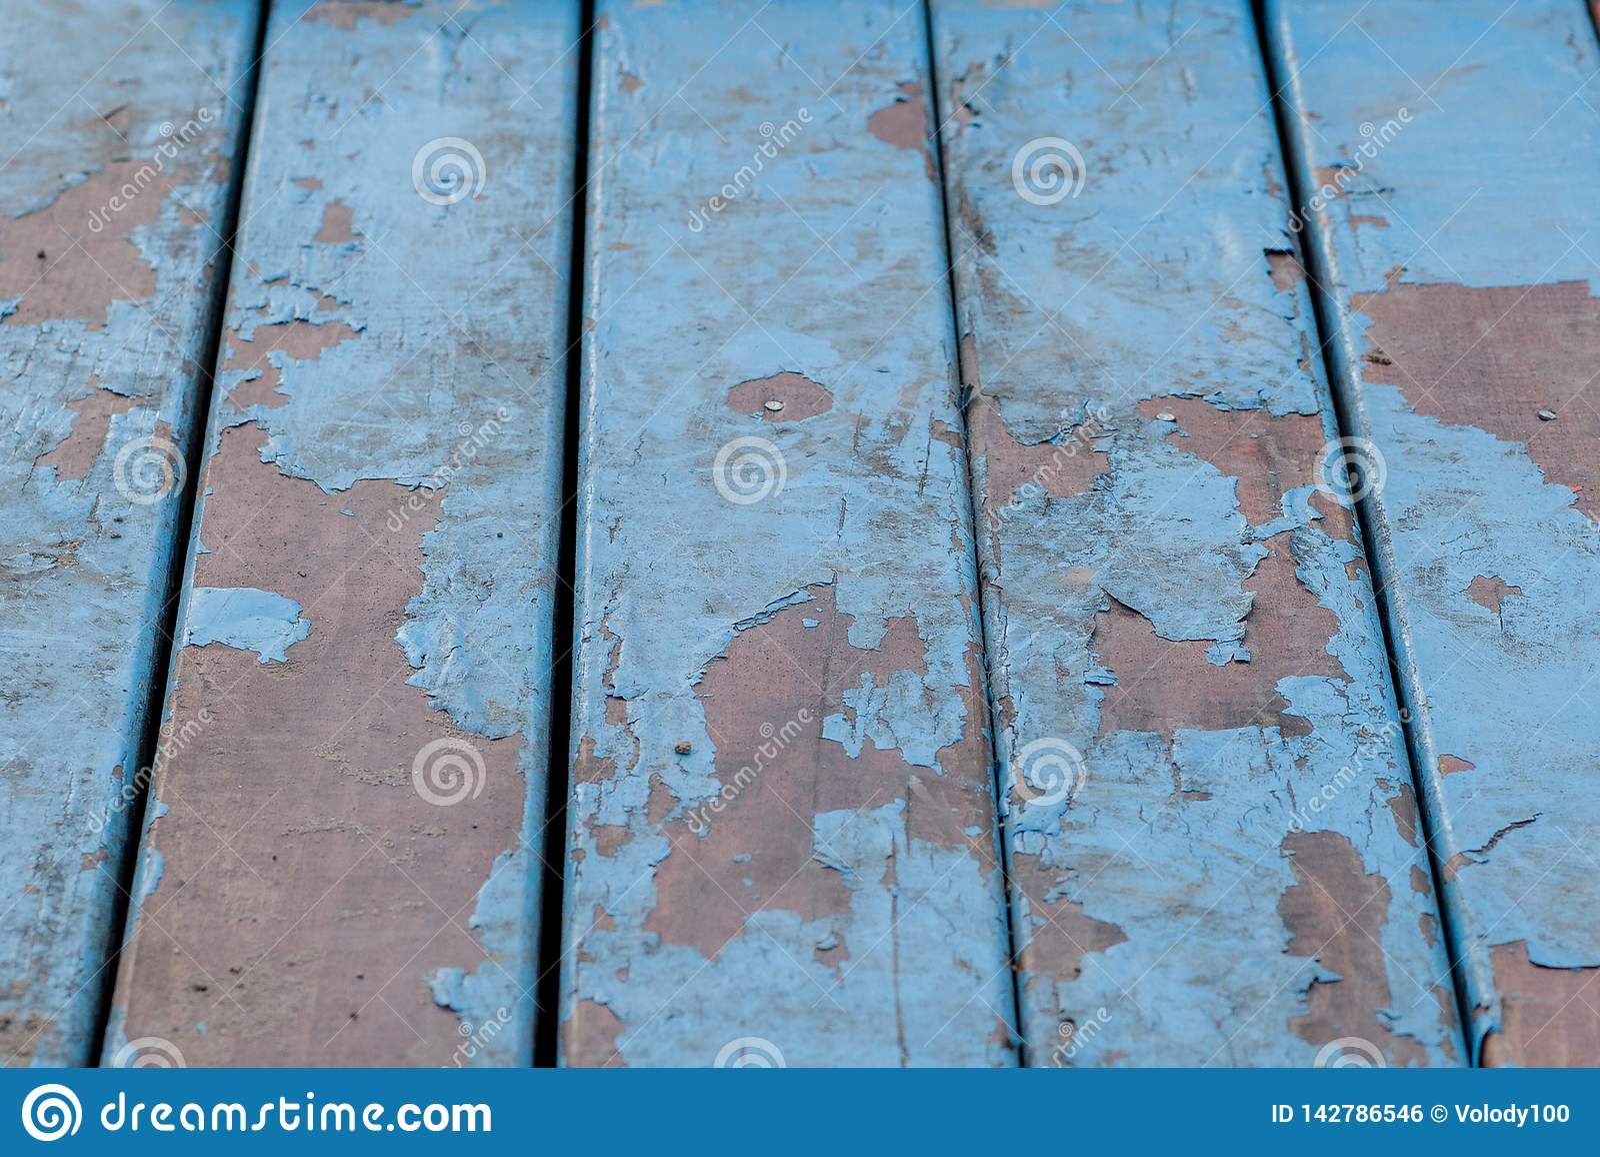 Detalle de los viejos tableros de madera pintados en azul claro con varias capas de pintura descascada